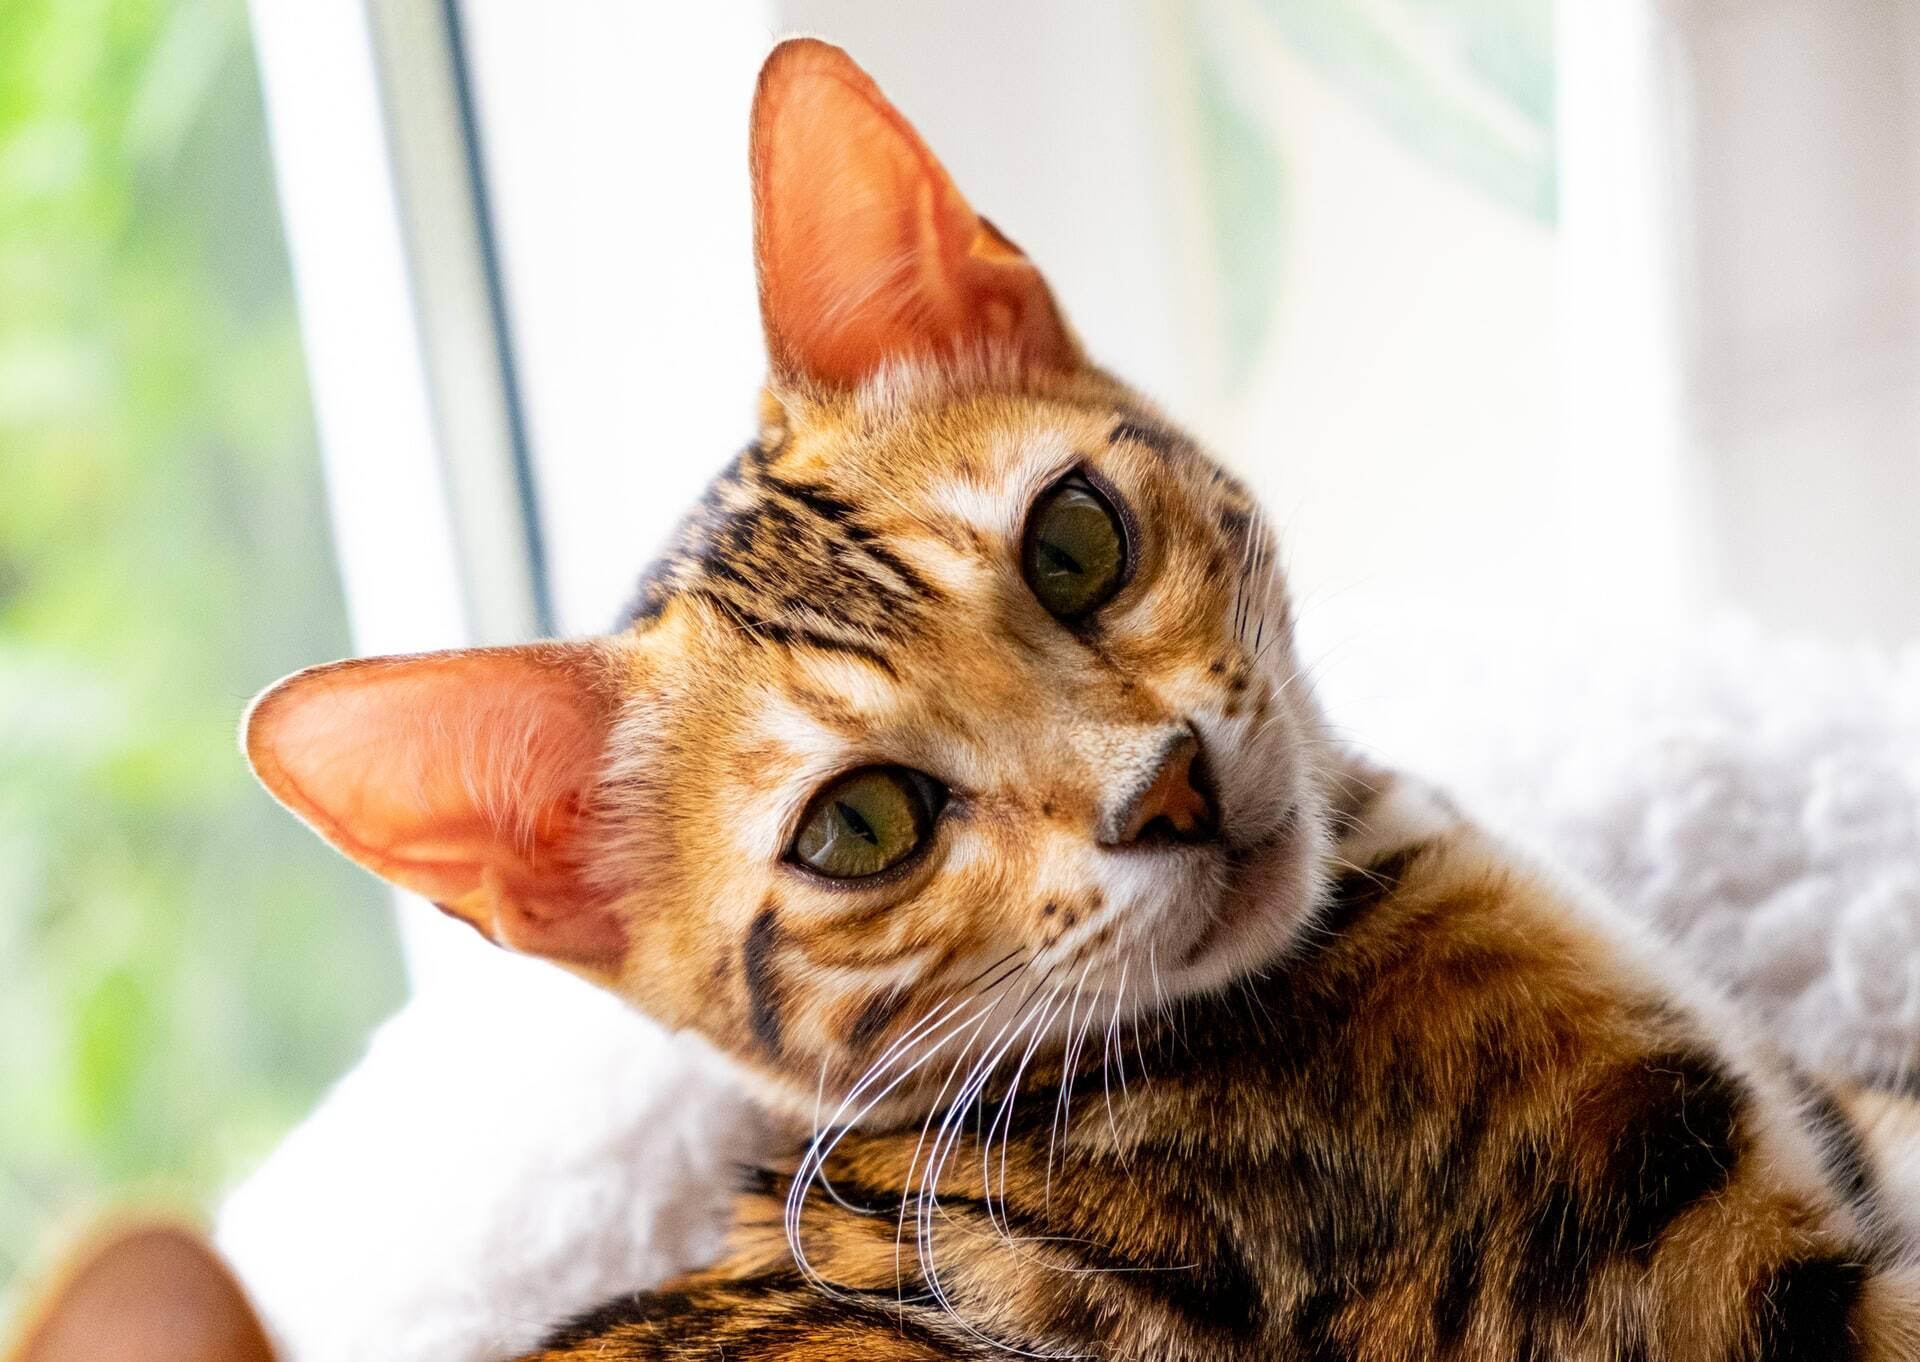 Saiba qual é a melhor raça de gato para conviver com uma pessoa do seu signo